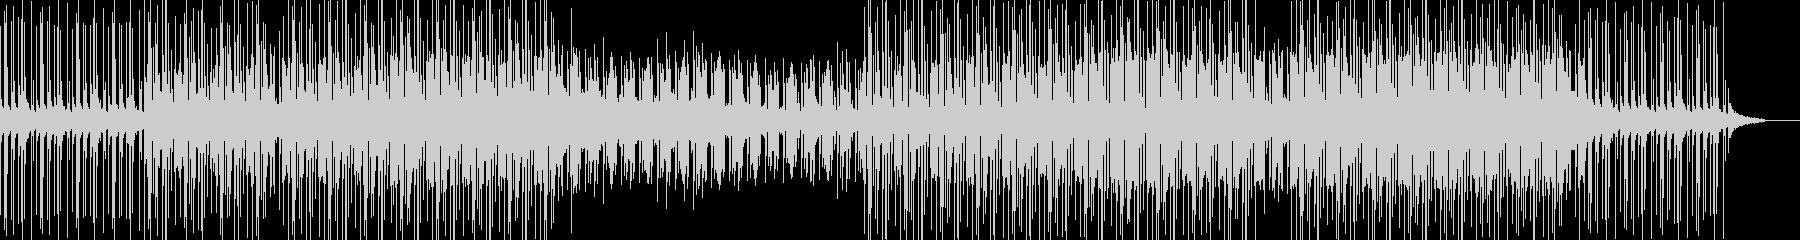 ダークで独特な世界観のメロディーの未再生の波形